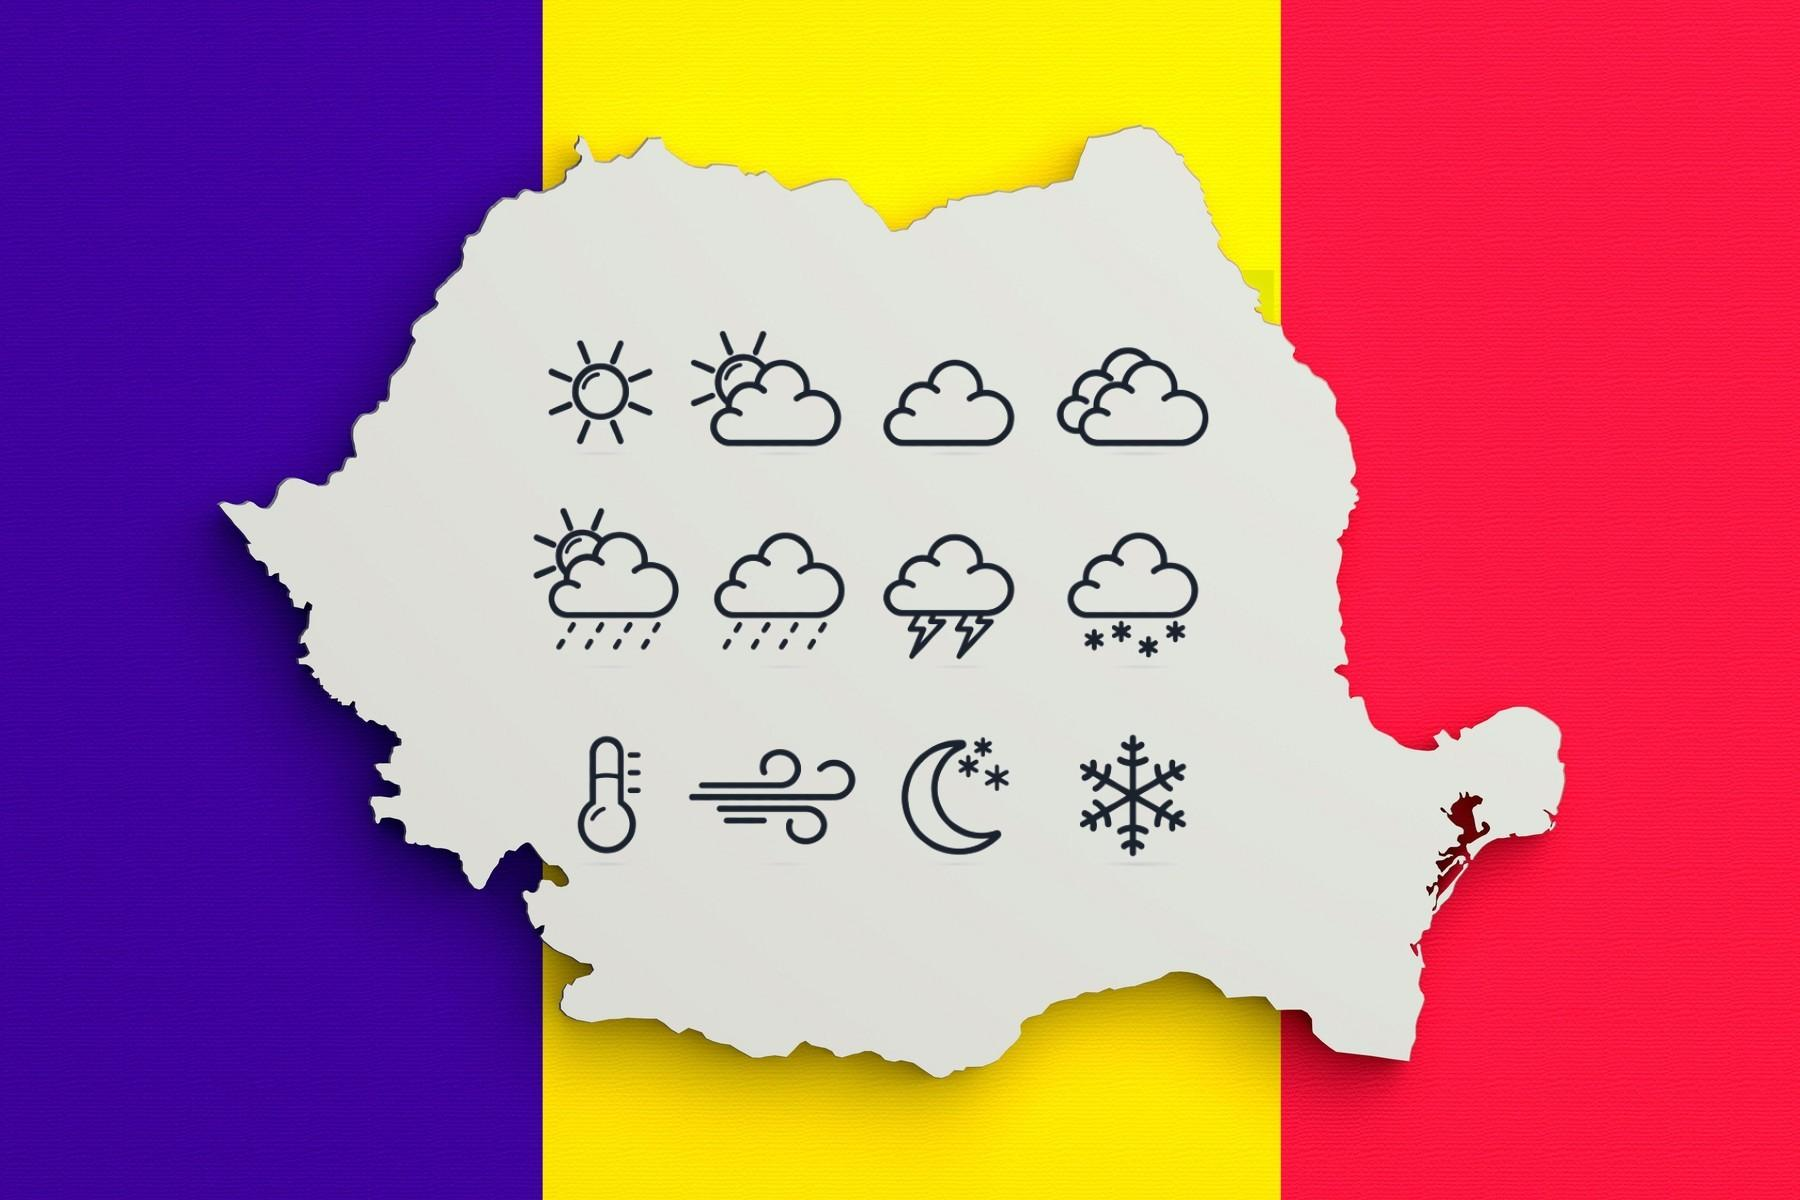 Prognoză meteo 26 octombrie 2020. Cum e vremea în România și care sunt previziunile ANM pentru astăzi